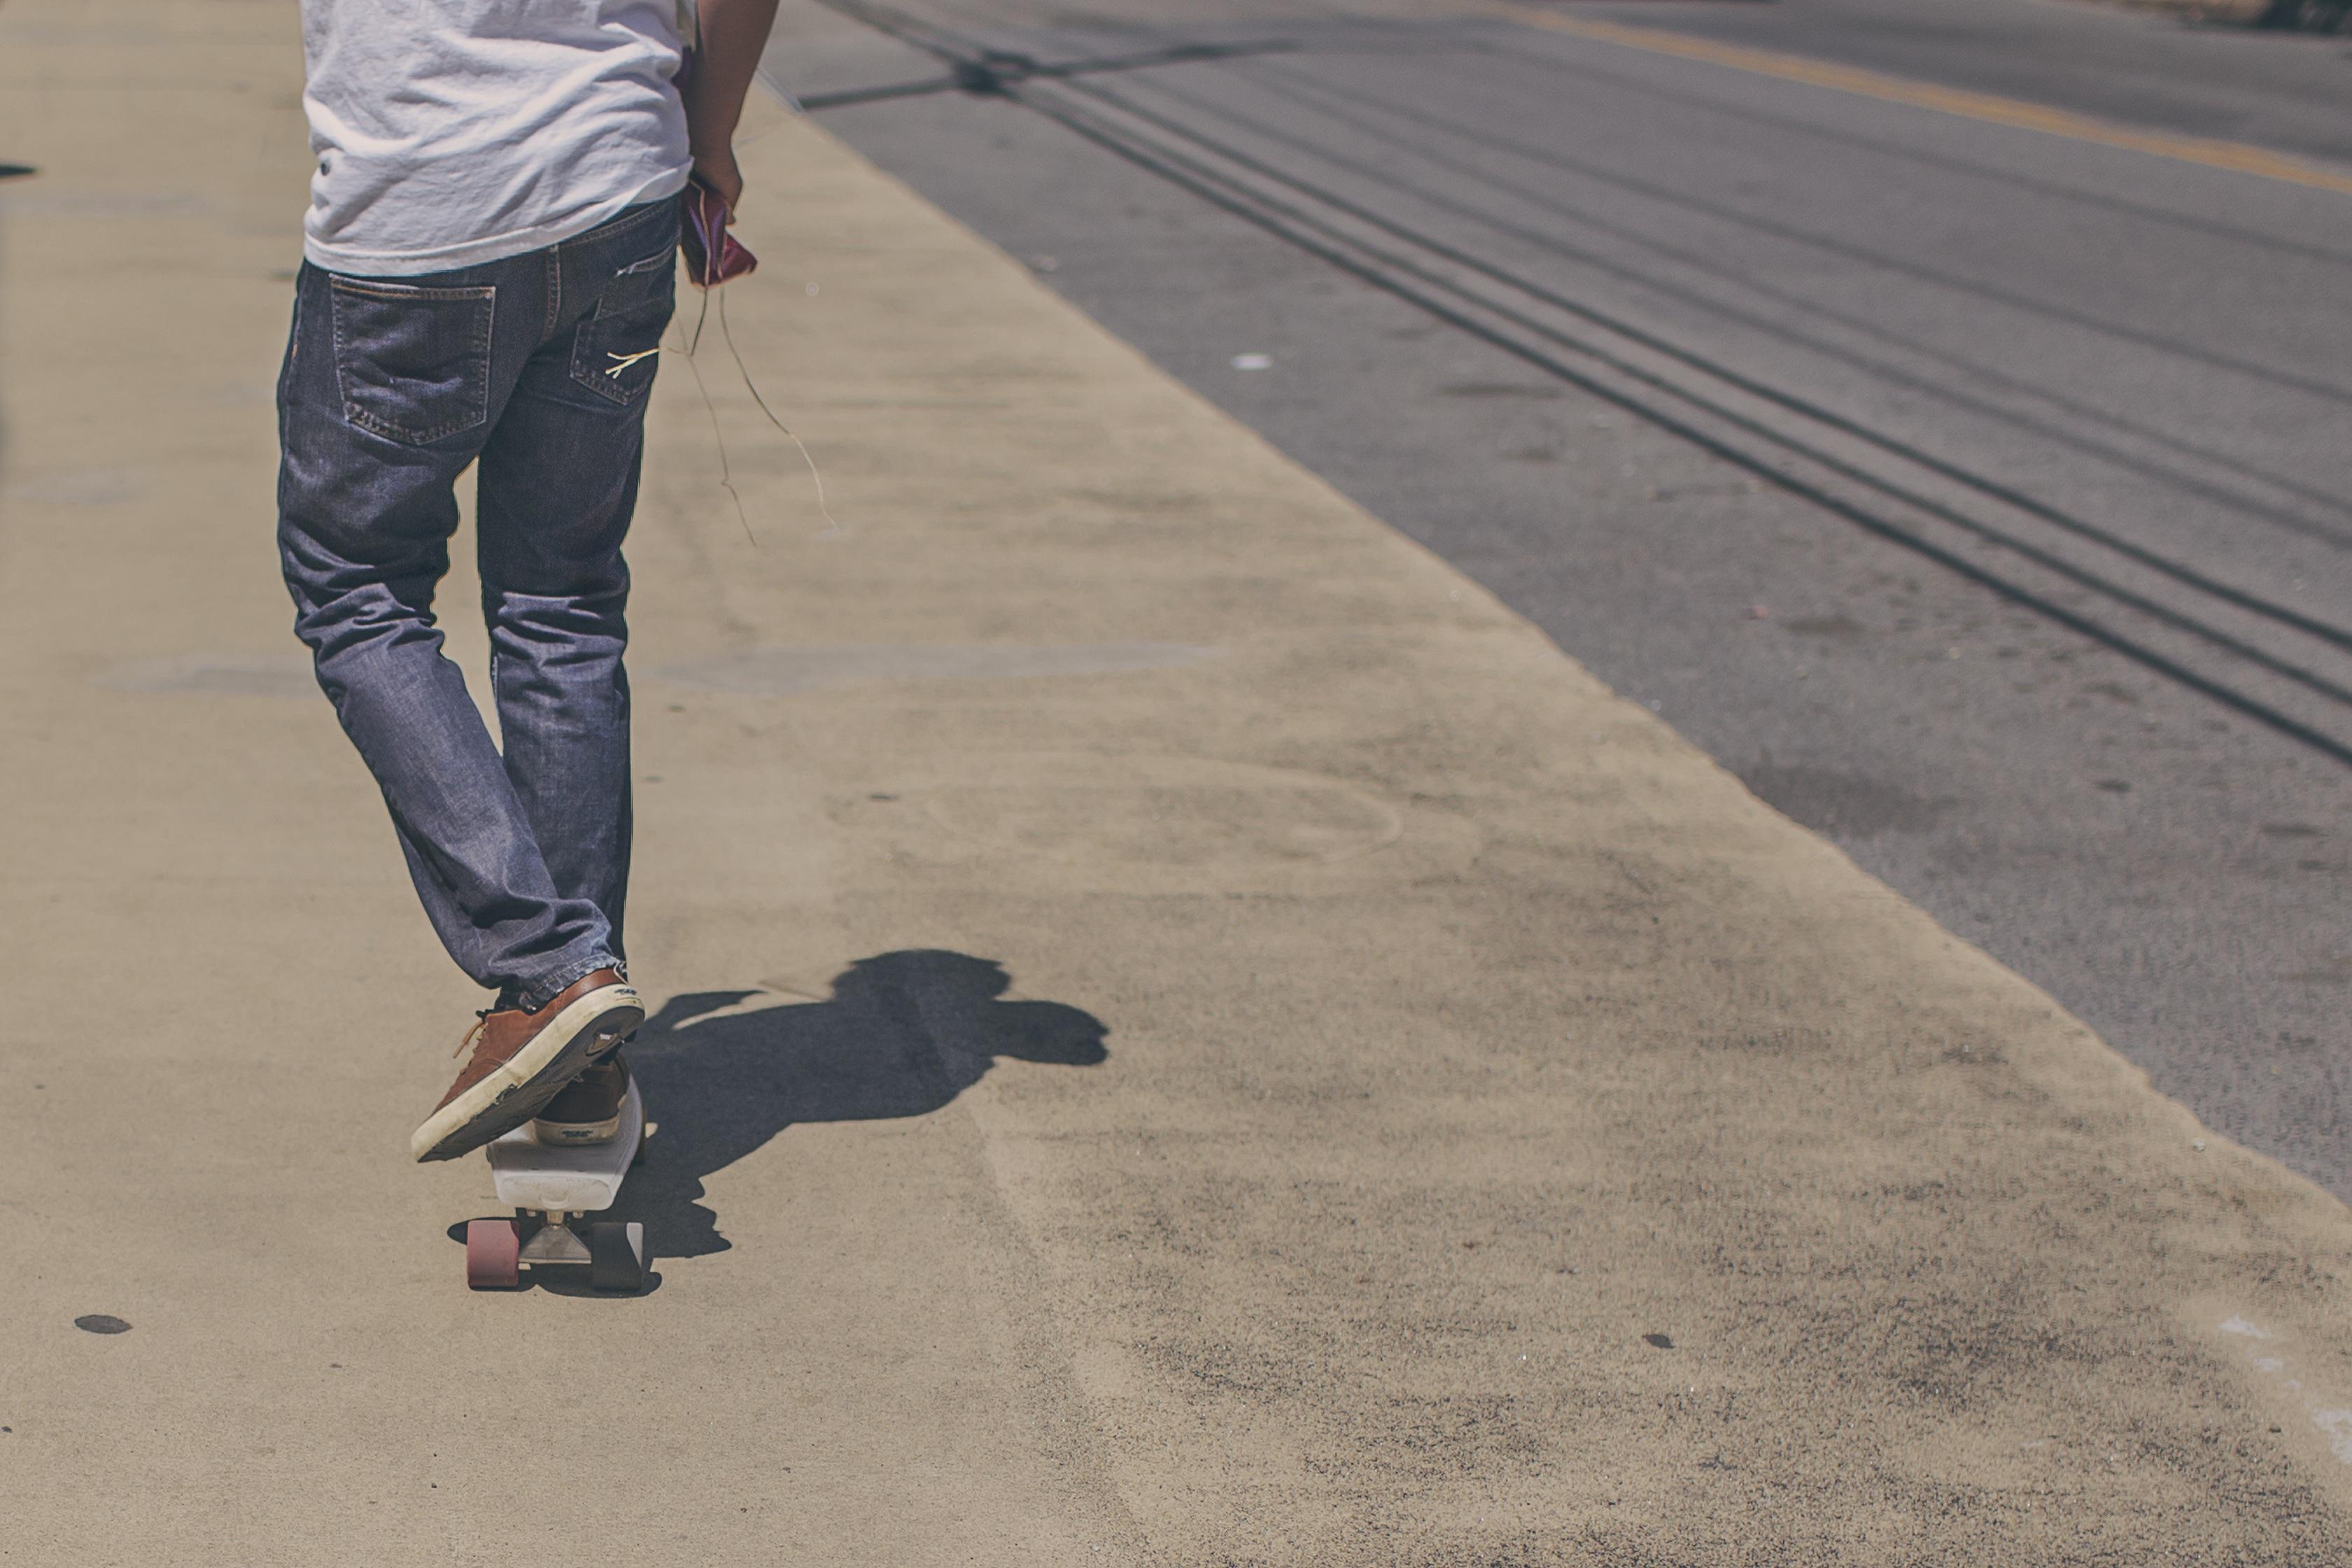 Fotos Gratis Persona Gente La Carretera Deporte Calle Acera Patineta Patinar Chico Urbano Skateboarding Asfalto Pavimento Masculino Joven Pantalones Juventud Estilo De Vida Ocio Adolescente Skater Equipo Deportivo Longboard